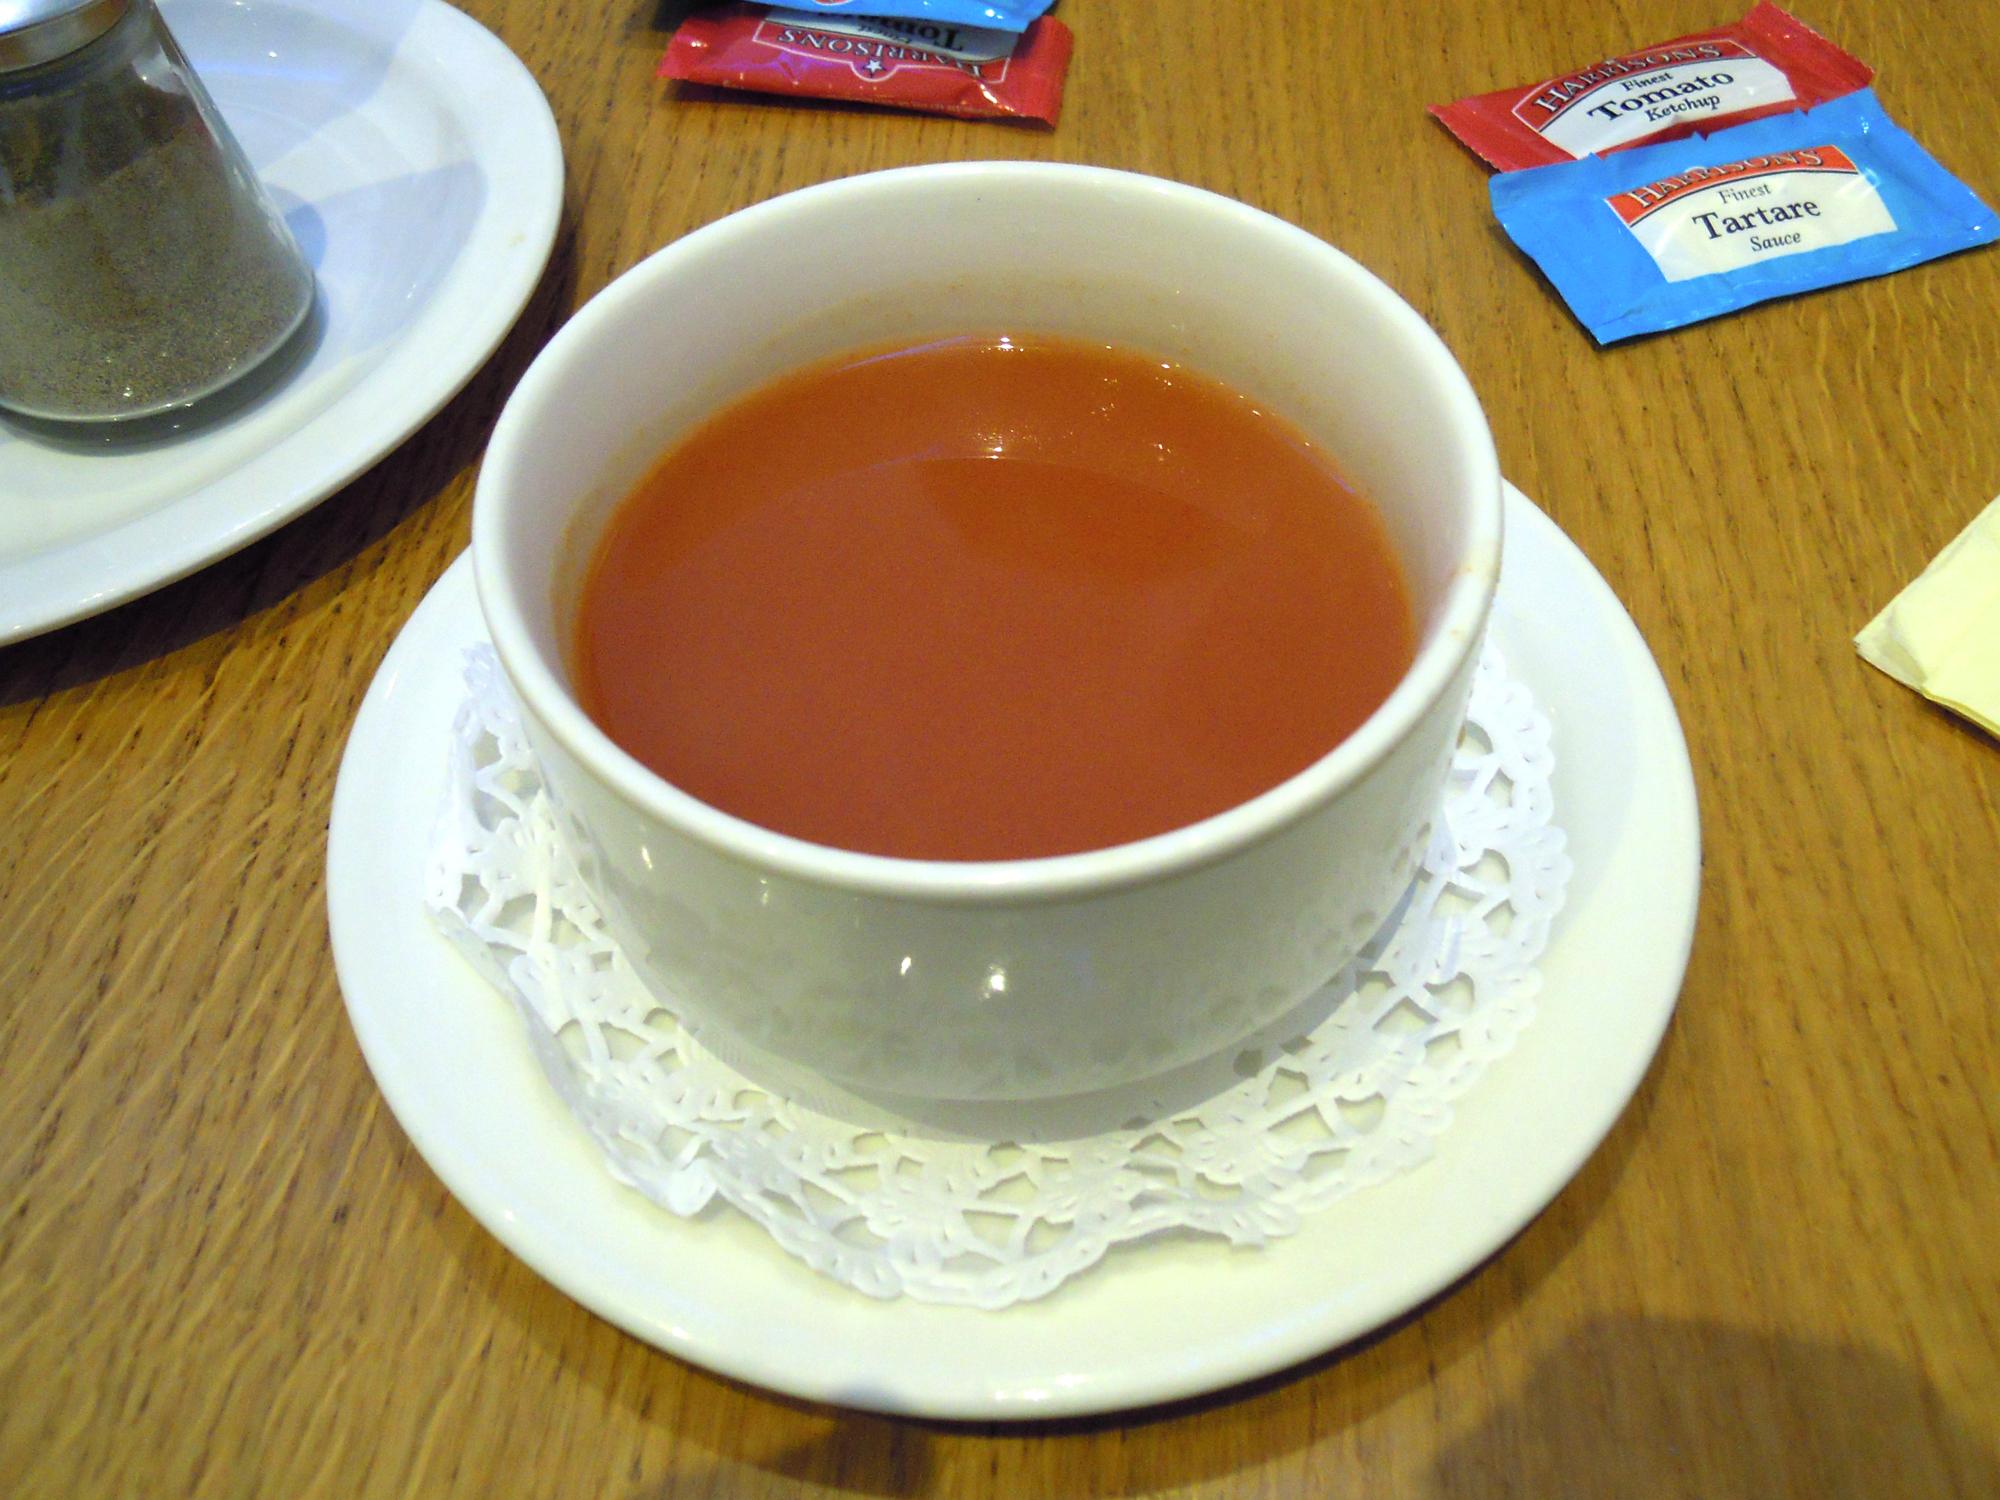 ロッカアンドフレンズは高槻で人気のカフェ!紅茶とケーキが美味しいと評判!